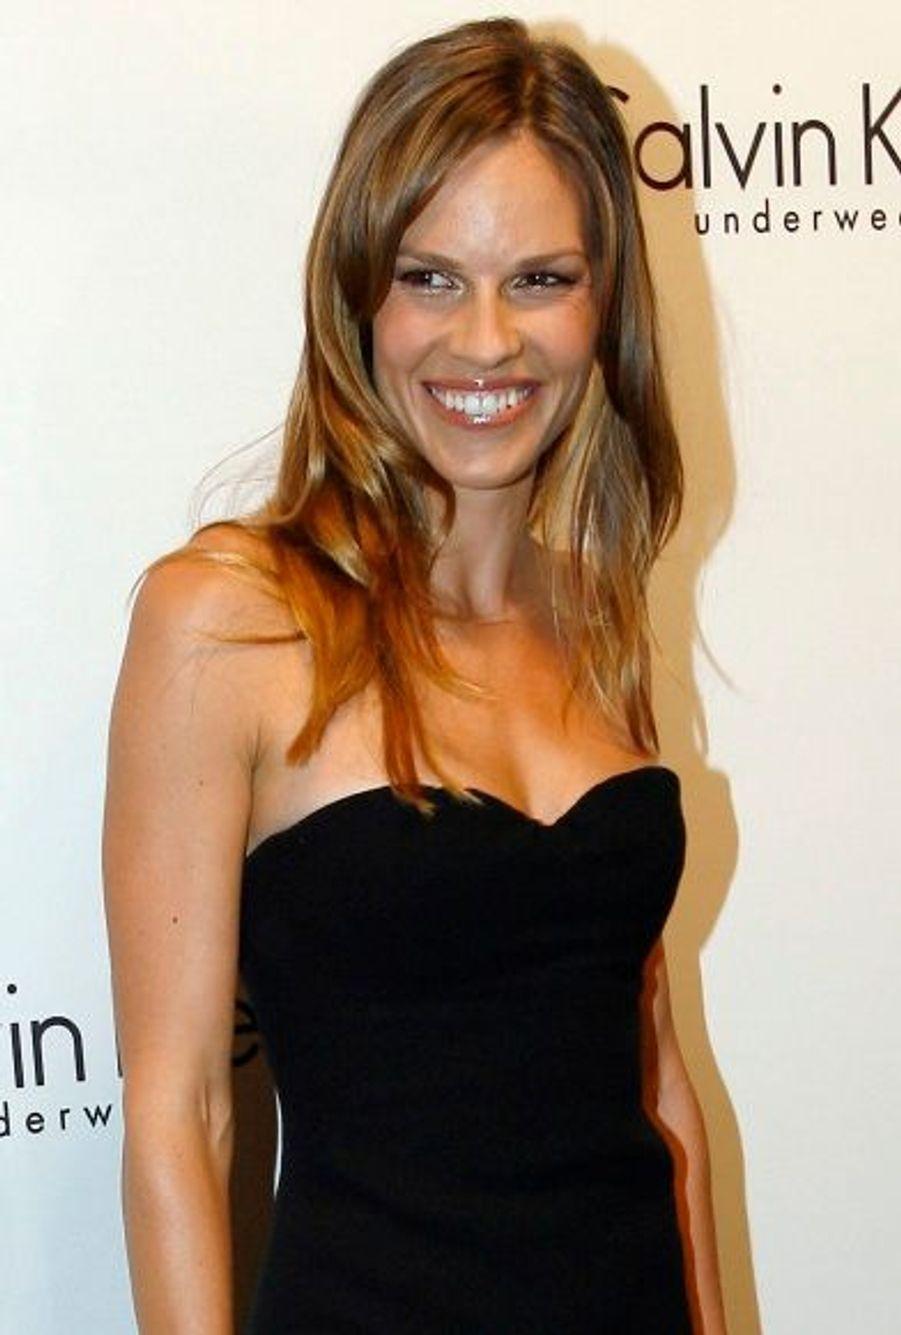 """Oscar de la meilleure actrice en 2005 pour son rôle dans """"Million Dollar Baby"""", l'américaine est aussi """"rentable"""" pour les producteurs qu' Anne Hataway ou Cate Blanchett selon Forbes."""